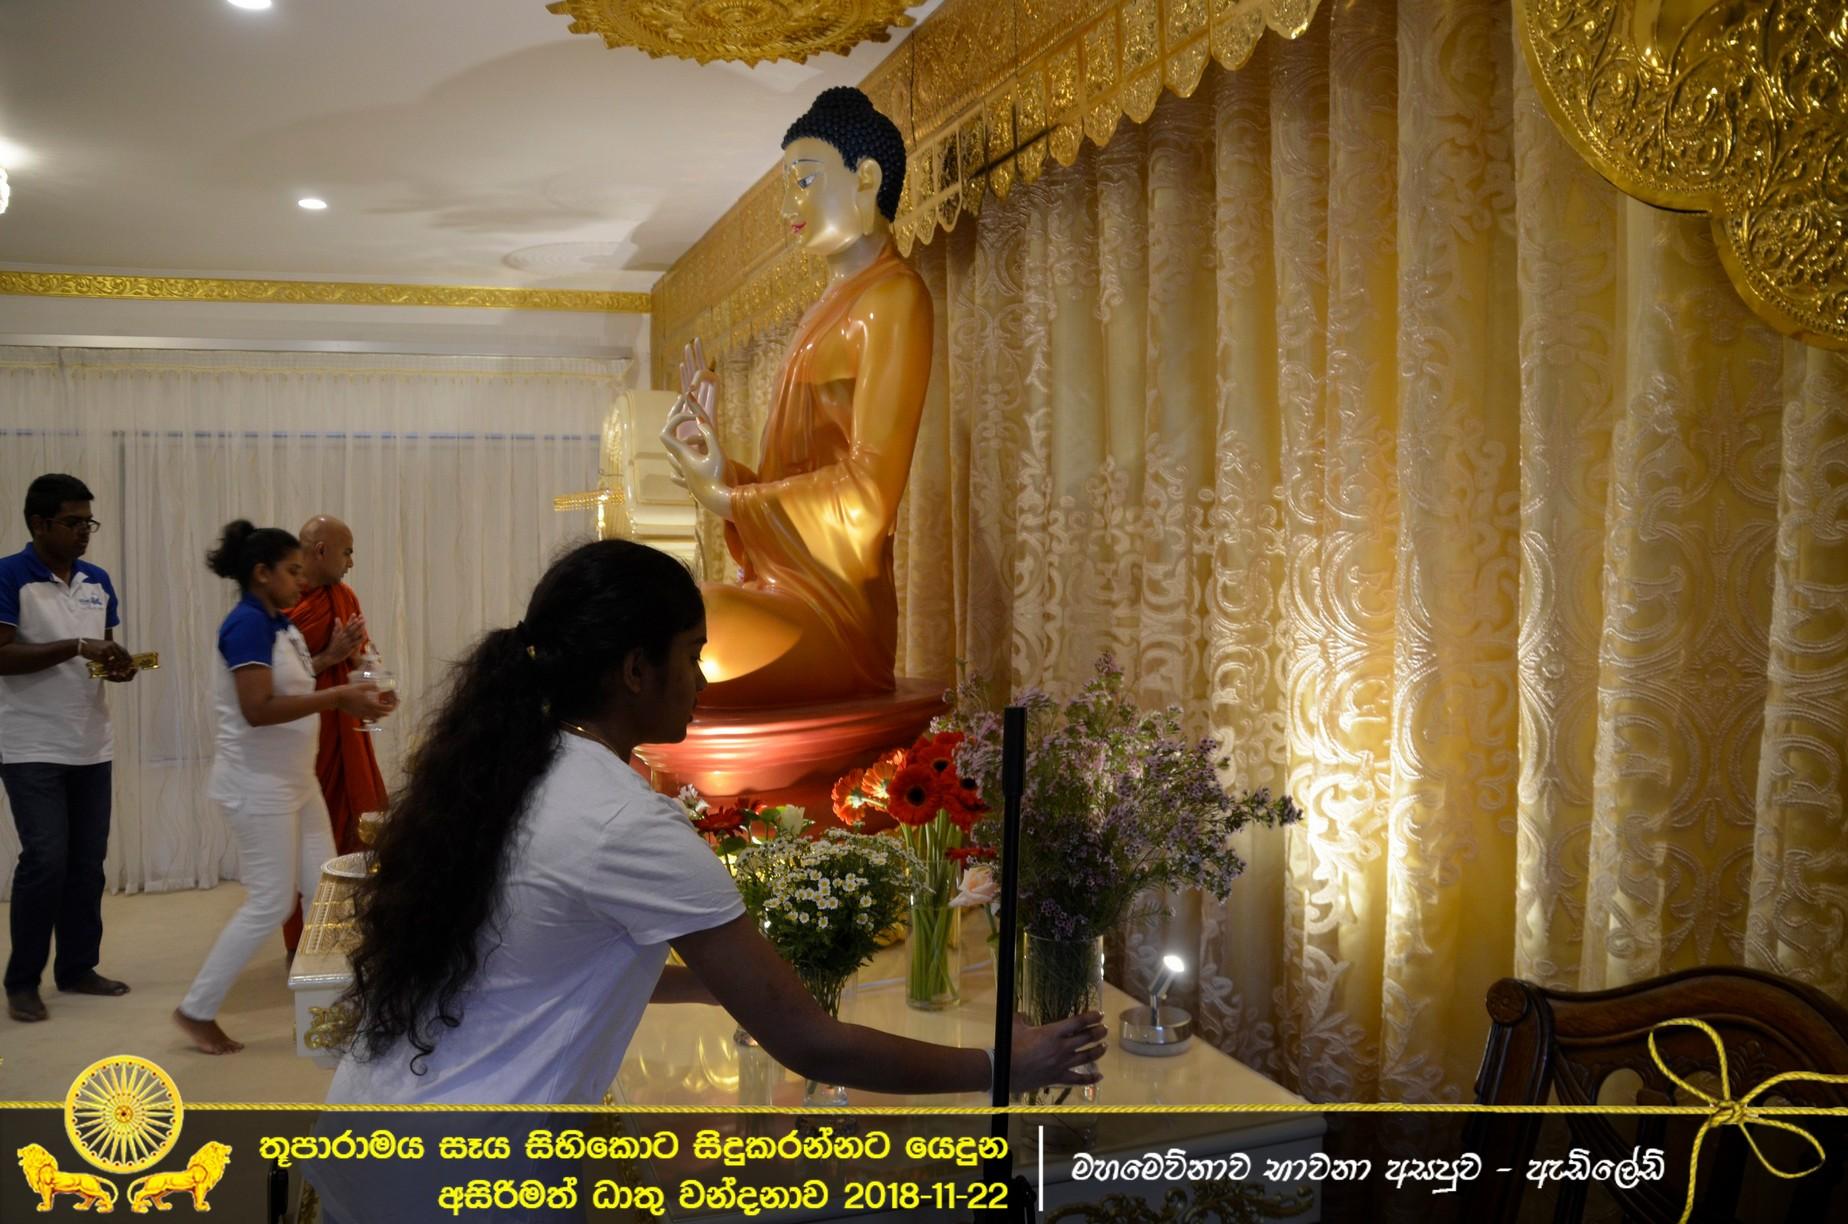 Thuparama033